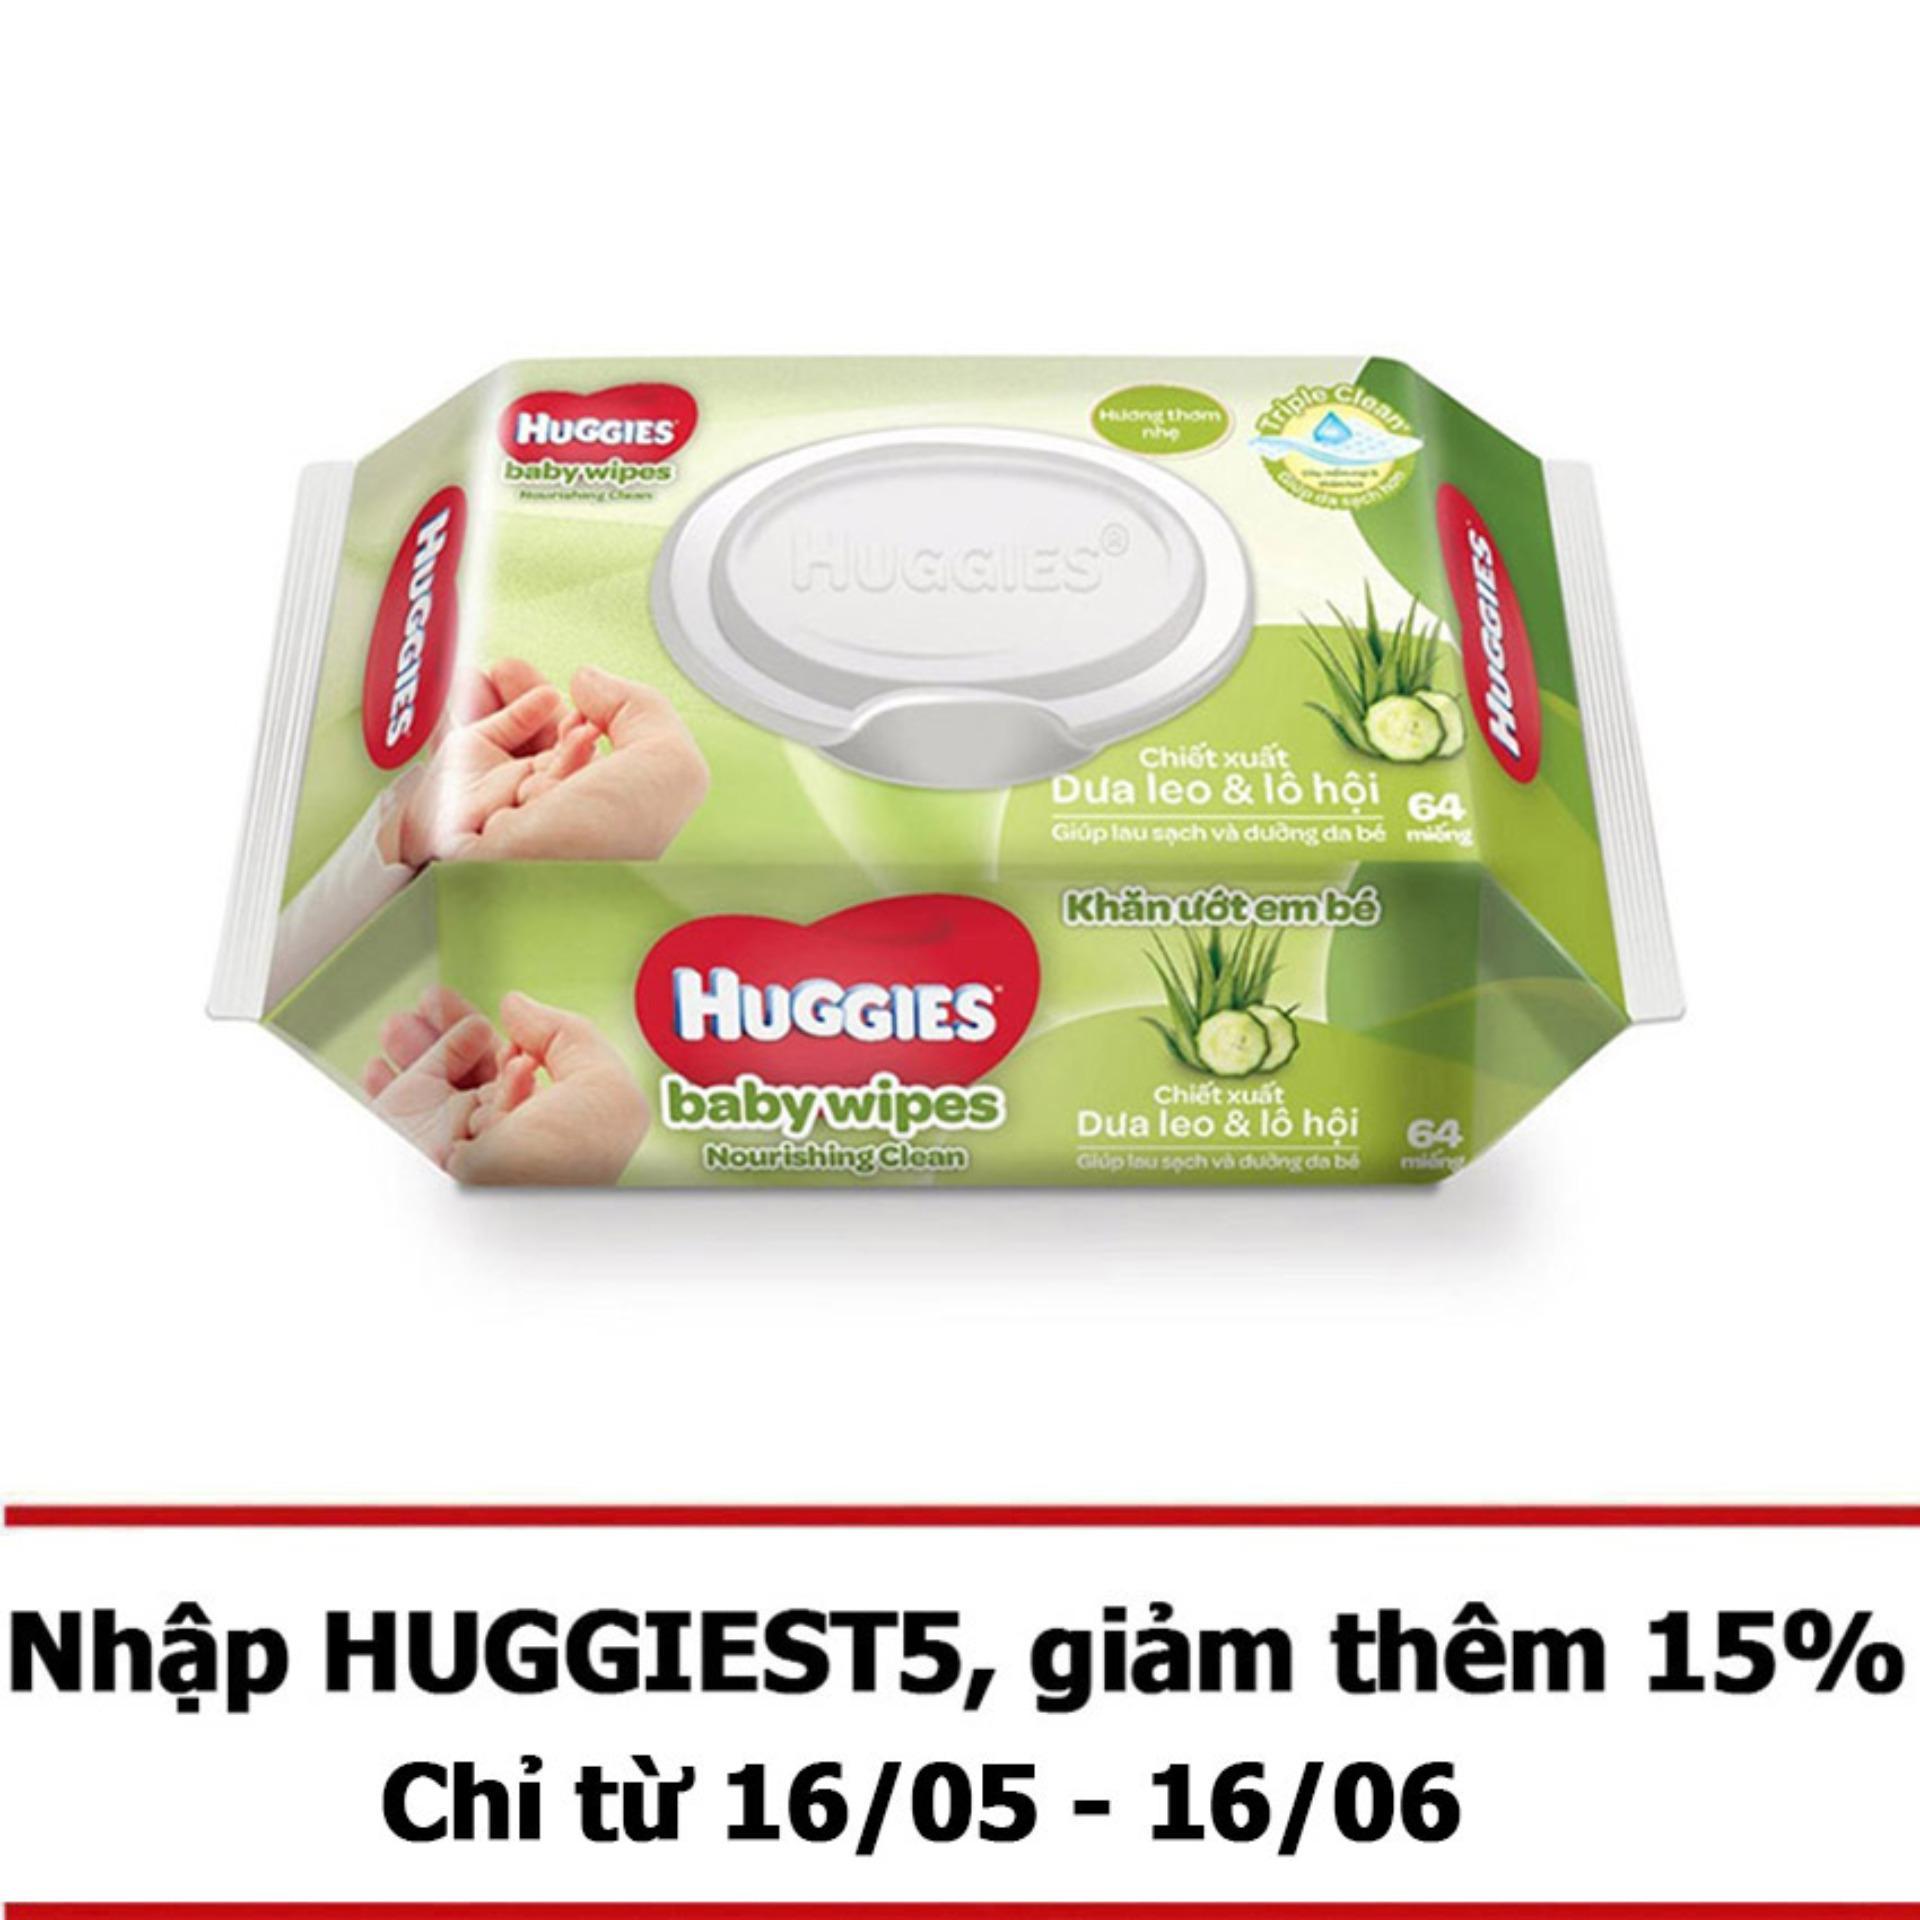 Bộ 12 gói khăn giấy ướt cho trẻ sơ sinh Huggies (Gói 64 tờ) - Chiết xuất dưa leo và lô hội